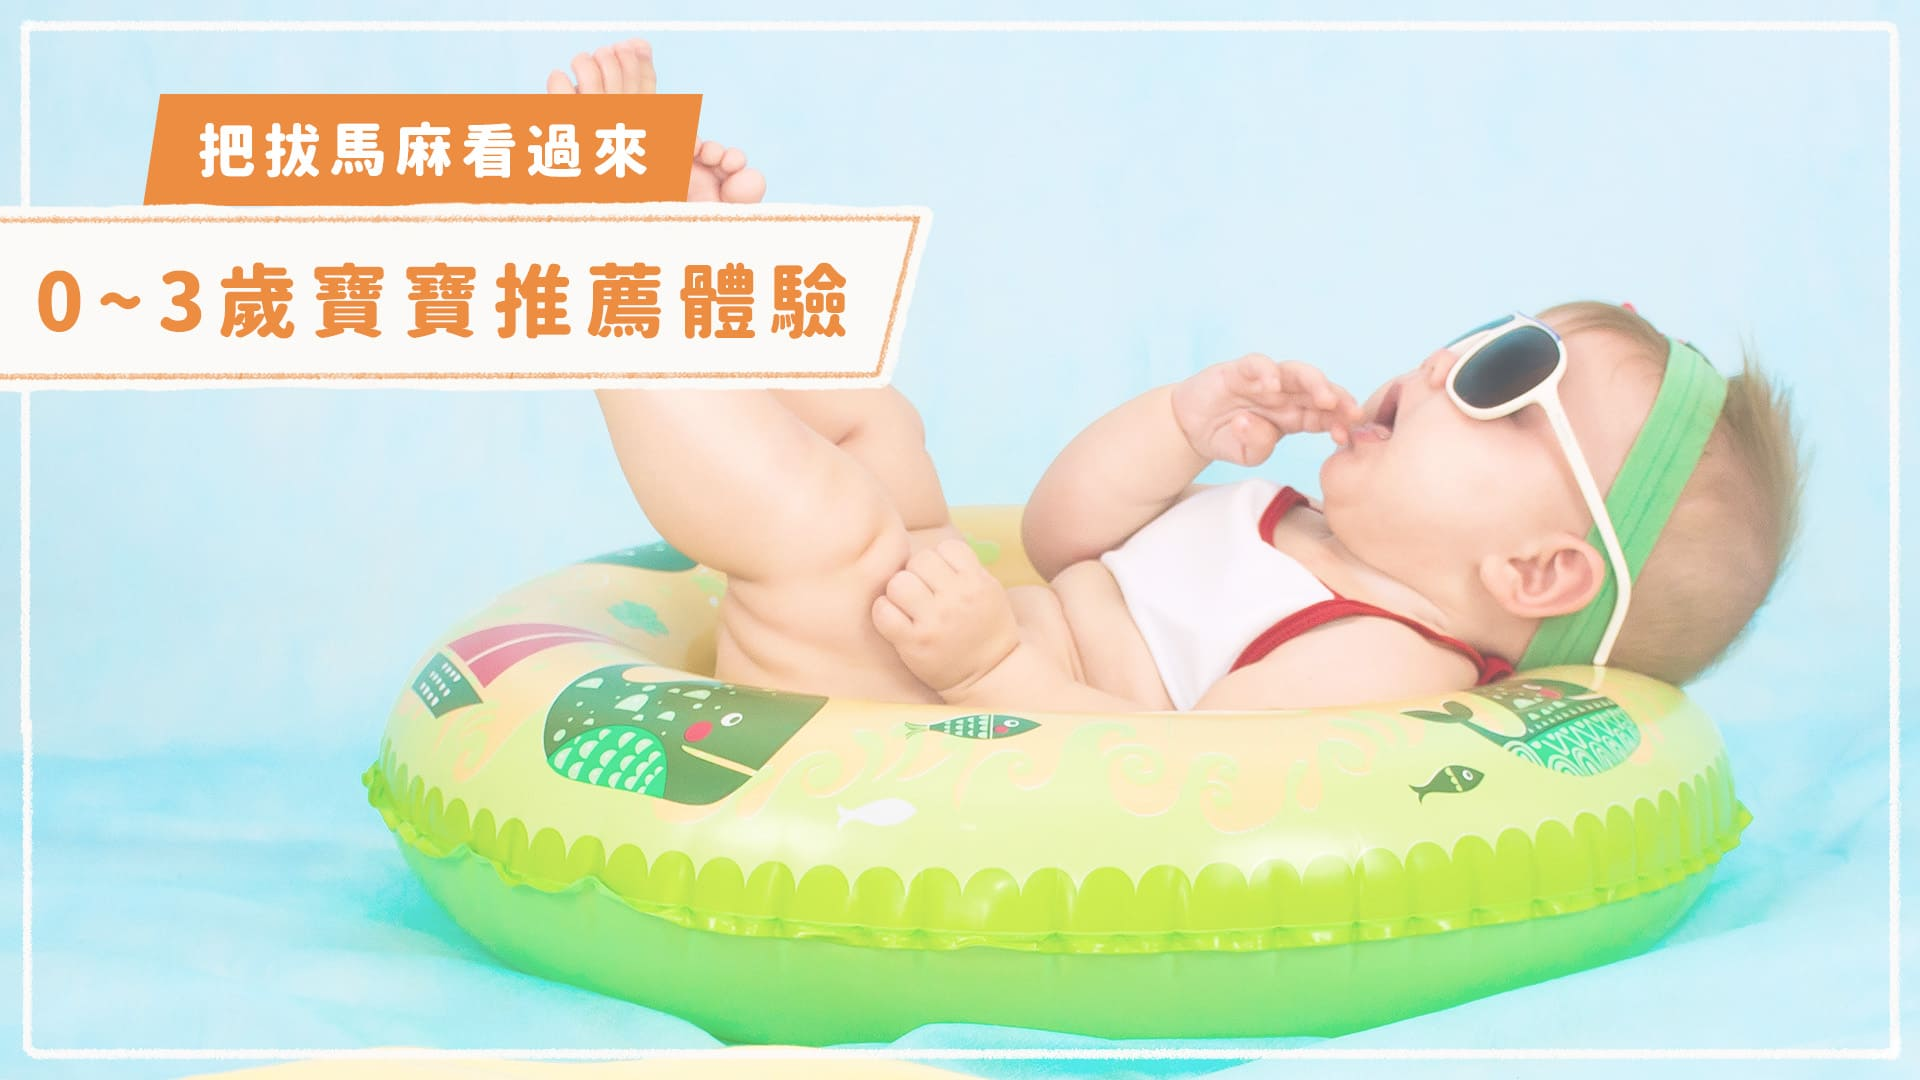 0_3歲寶寶體驗